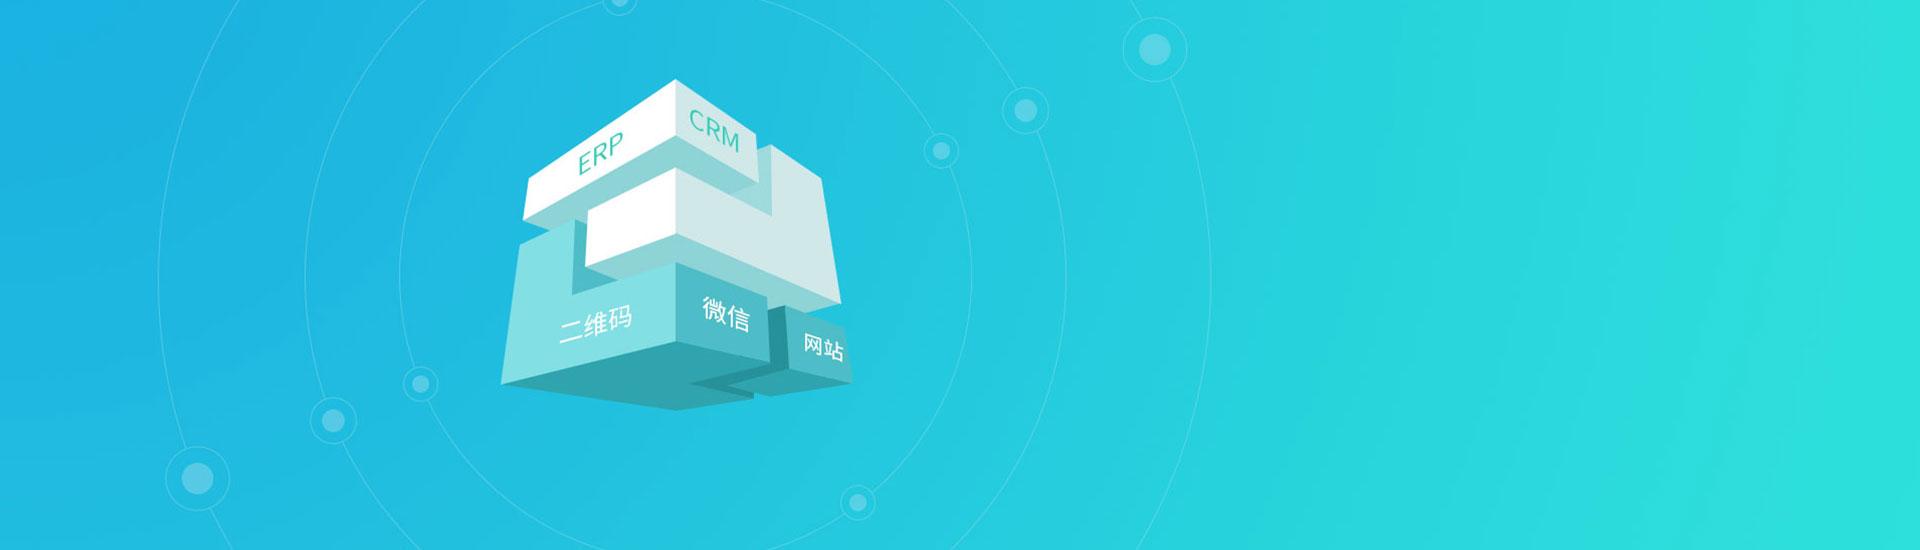 beplay2网页登录文化创意标识